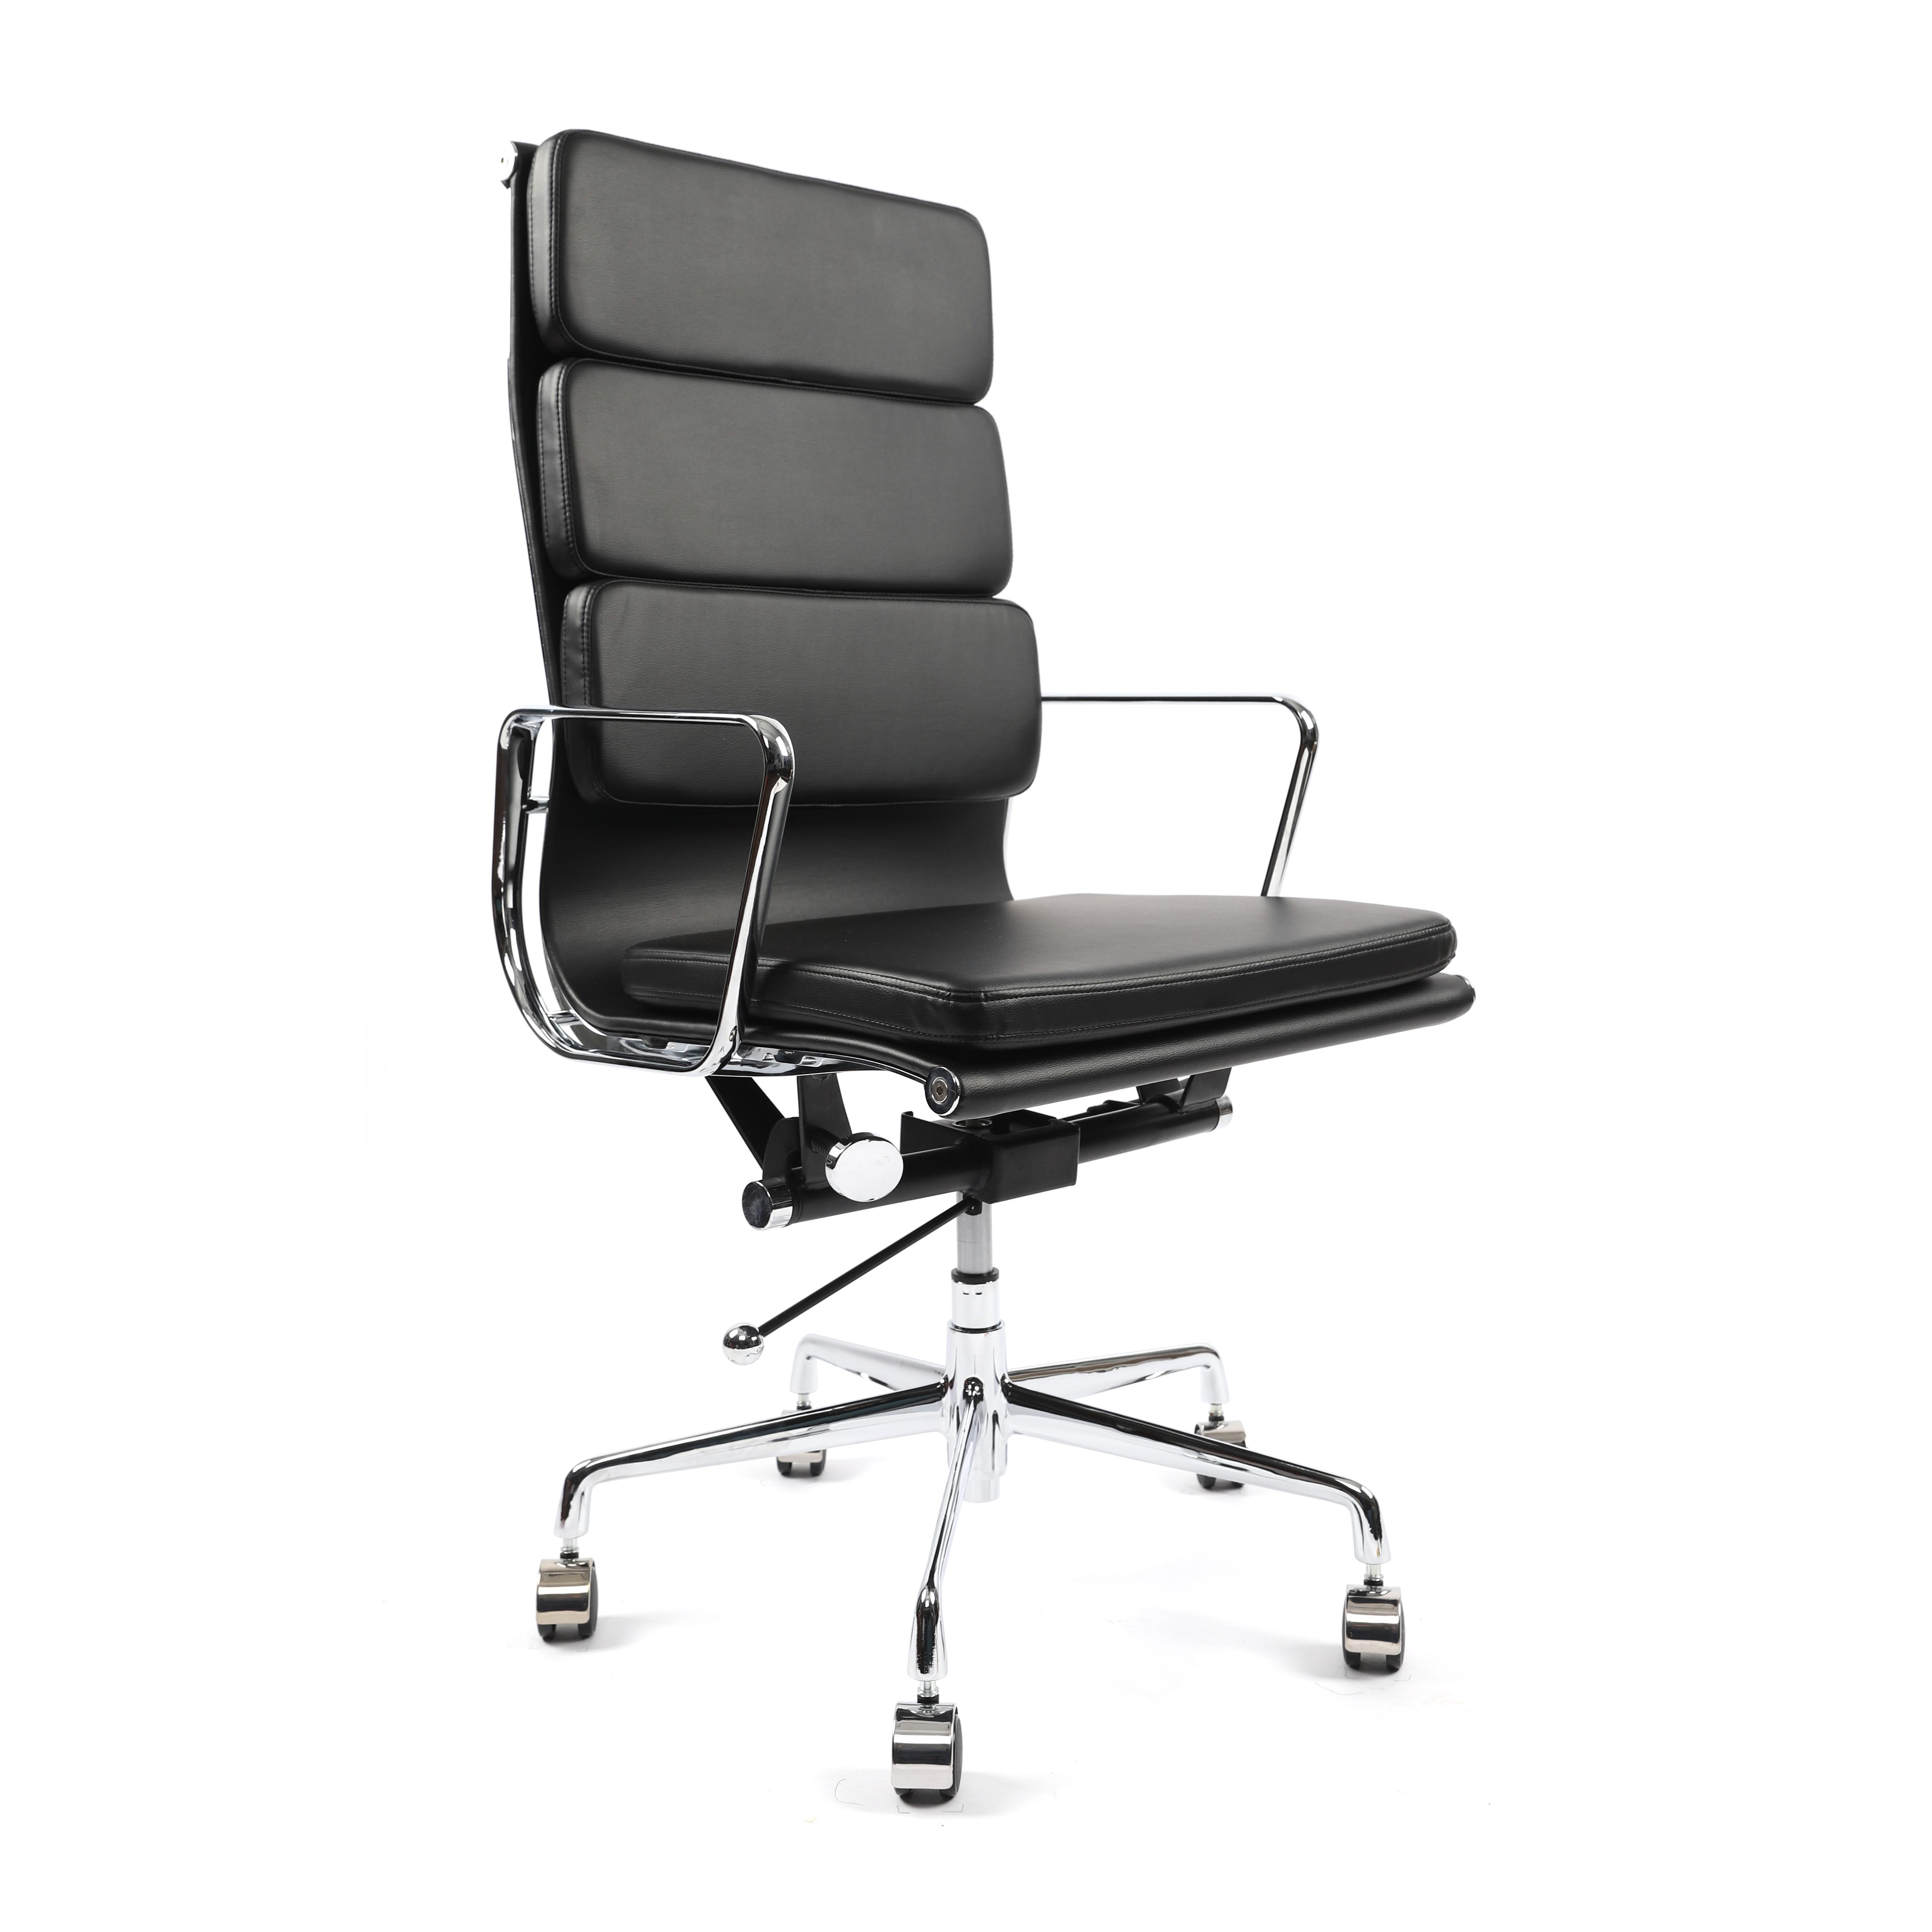 휘게체어 허먼밀러 임스체어 명품 가죽 오피스 디자이너 디자인 의자 사무용의자, 천연소가죽 - 블랙